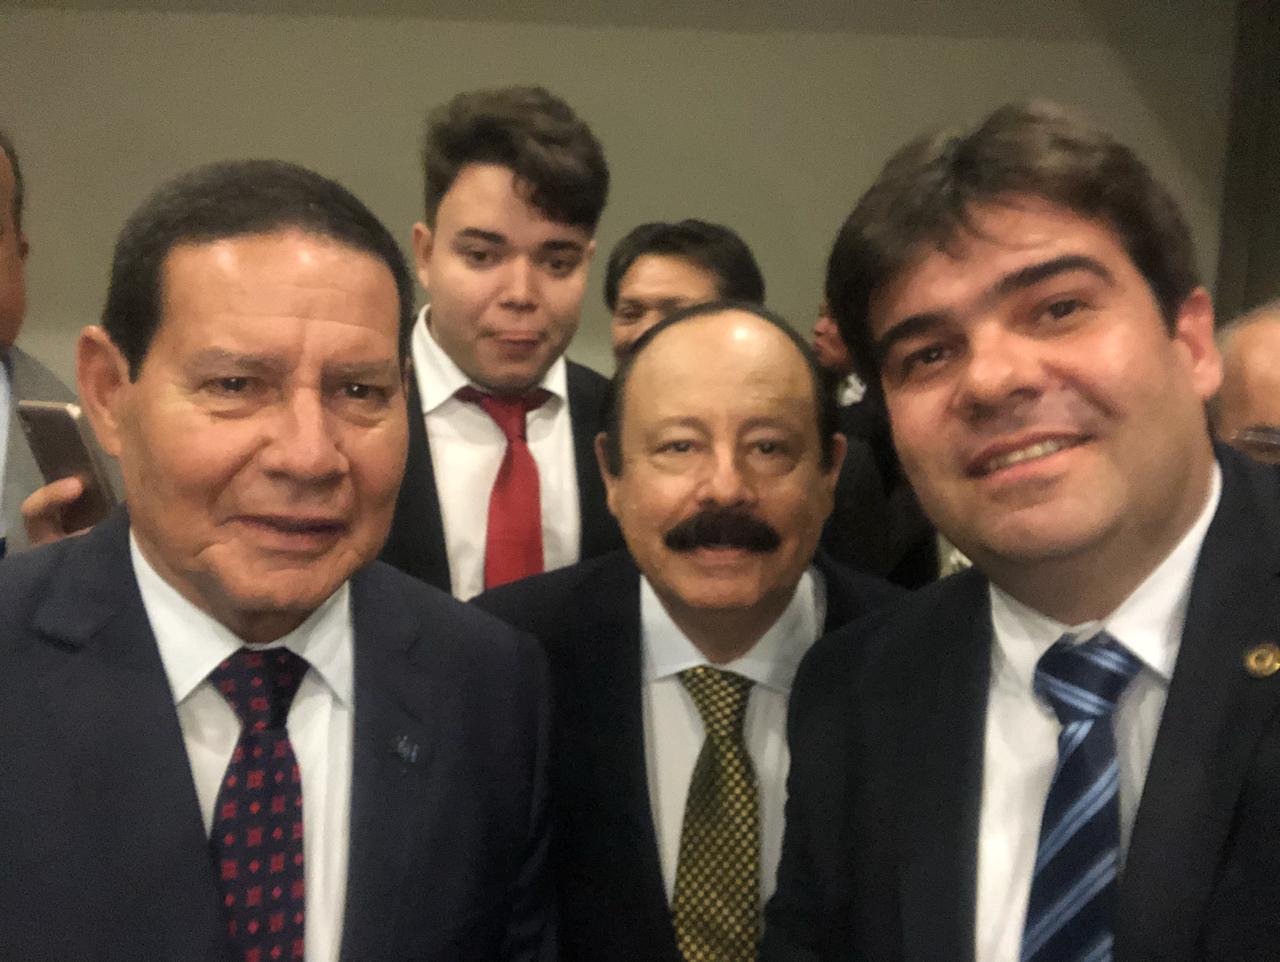 8be2689e d670 40b9 b72b 5cf577fc5fe0 - Eduardo participa de reunião do PRTB com vice-presidente da República, General Hamilton Mourão